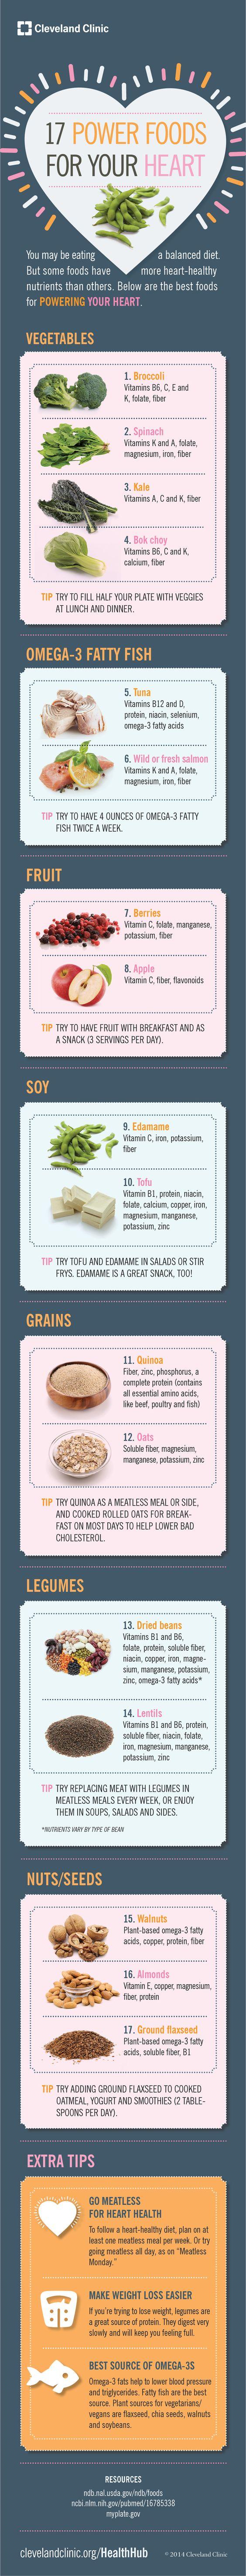 heart-smart-foods